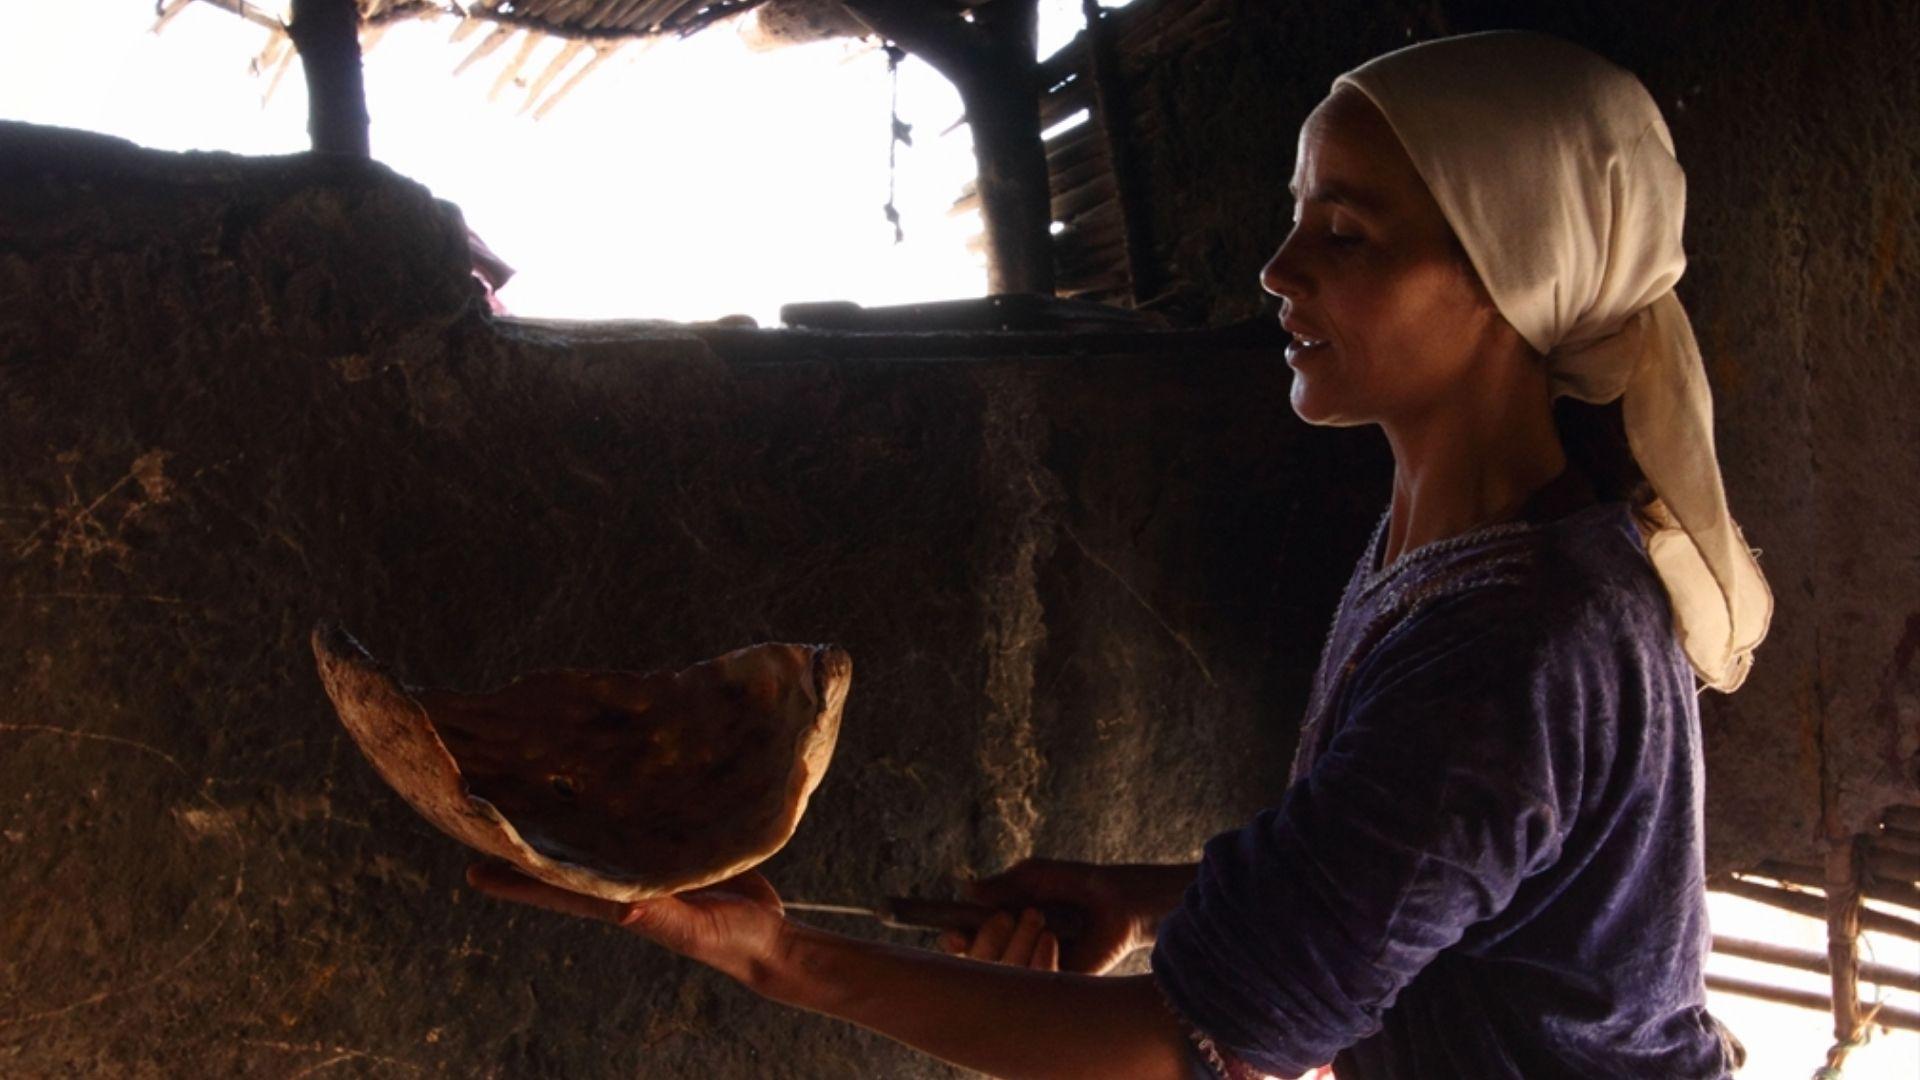 Países que perseguem a Igreja: como vivem os cristãos no Marrocos